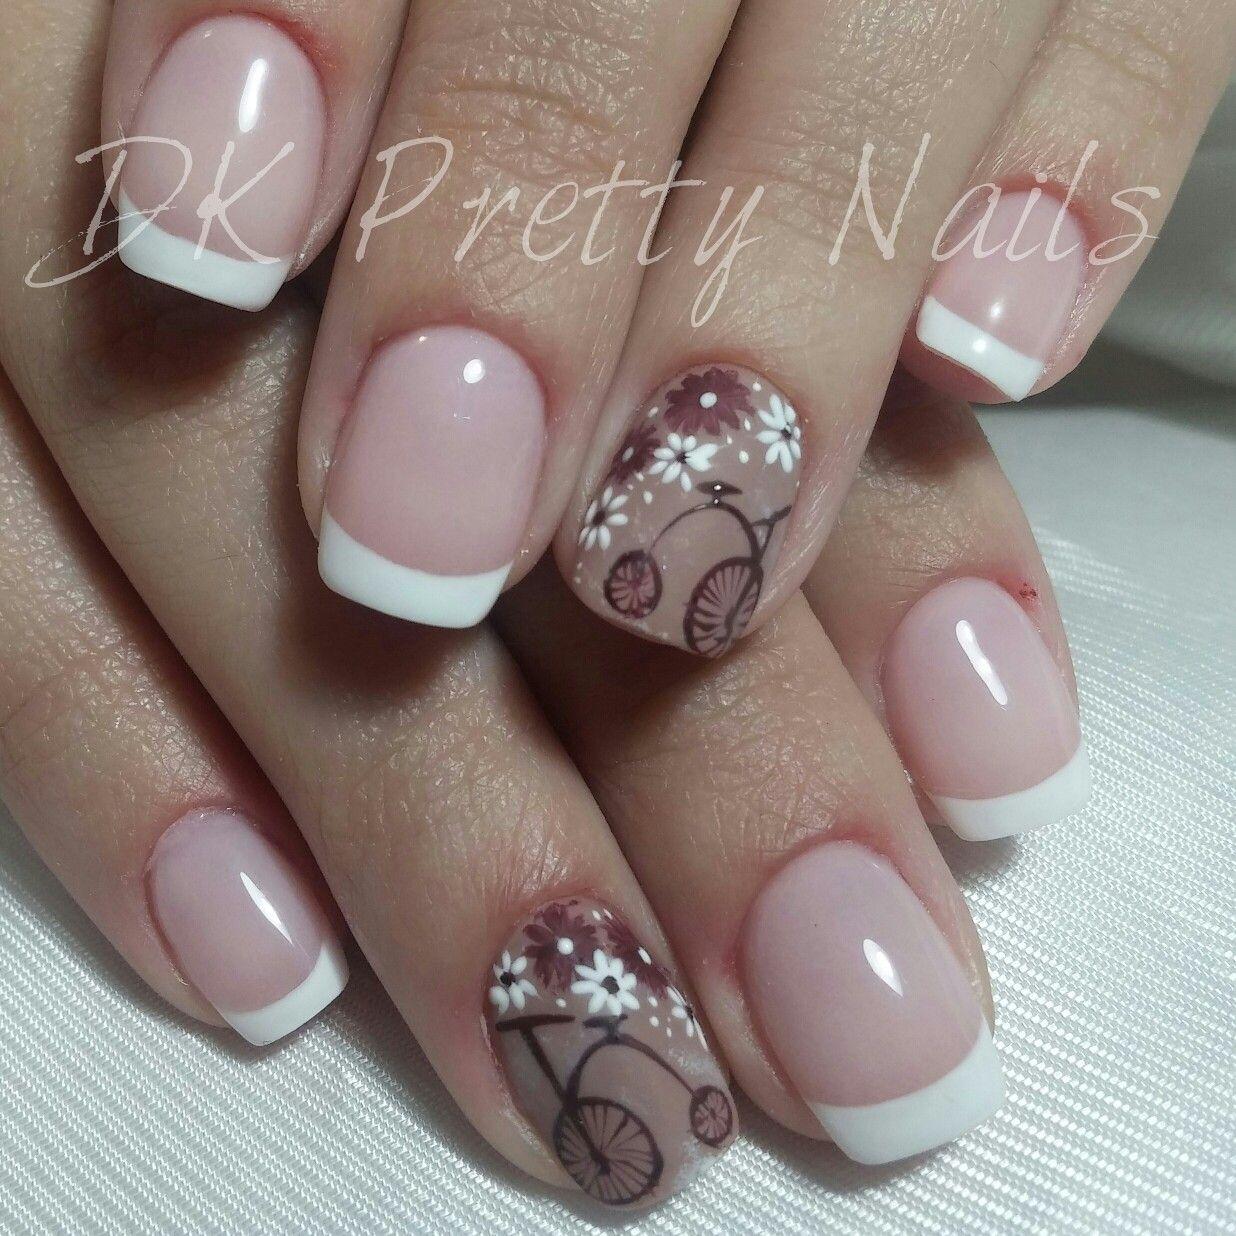 Nails #nailpolish #shellac #french #vintage #DK Pretty Nails | My ...